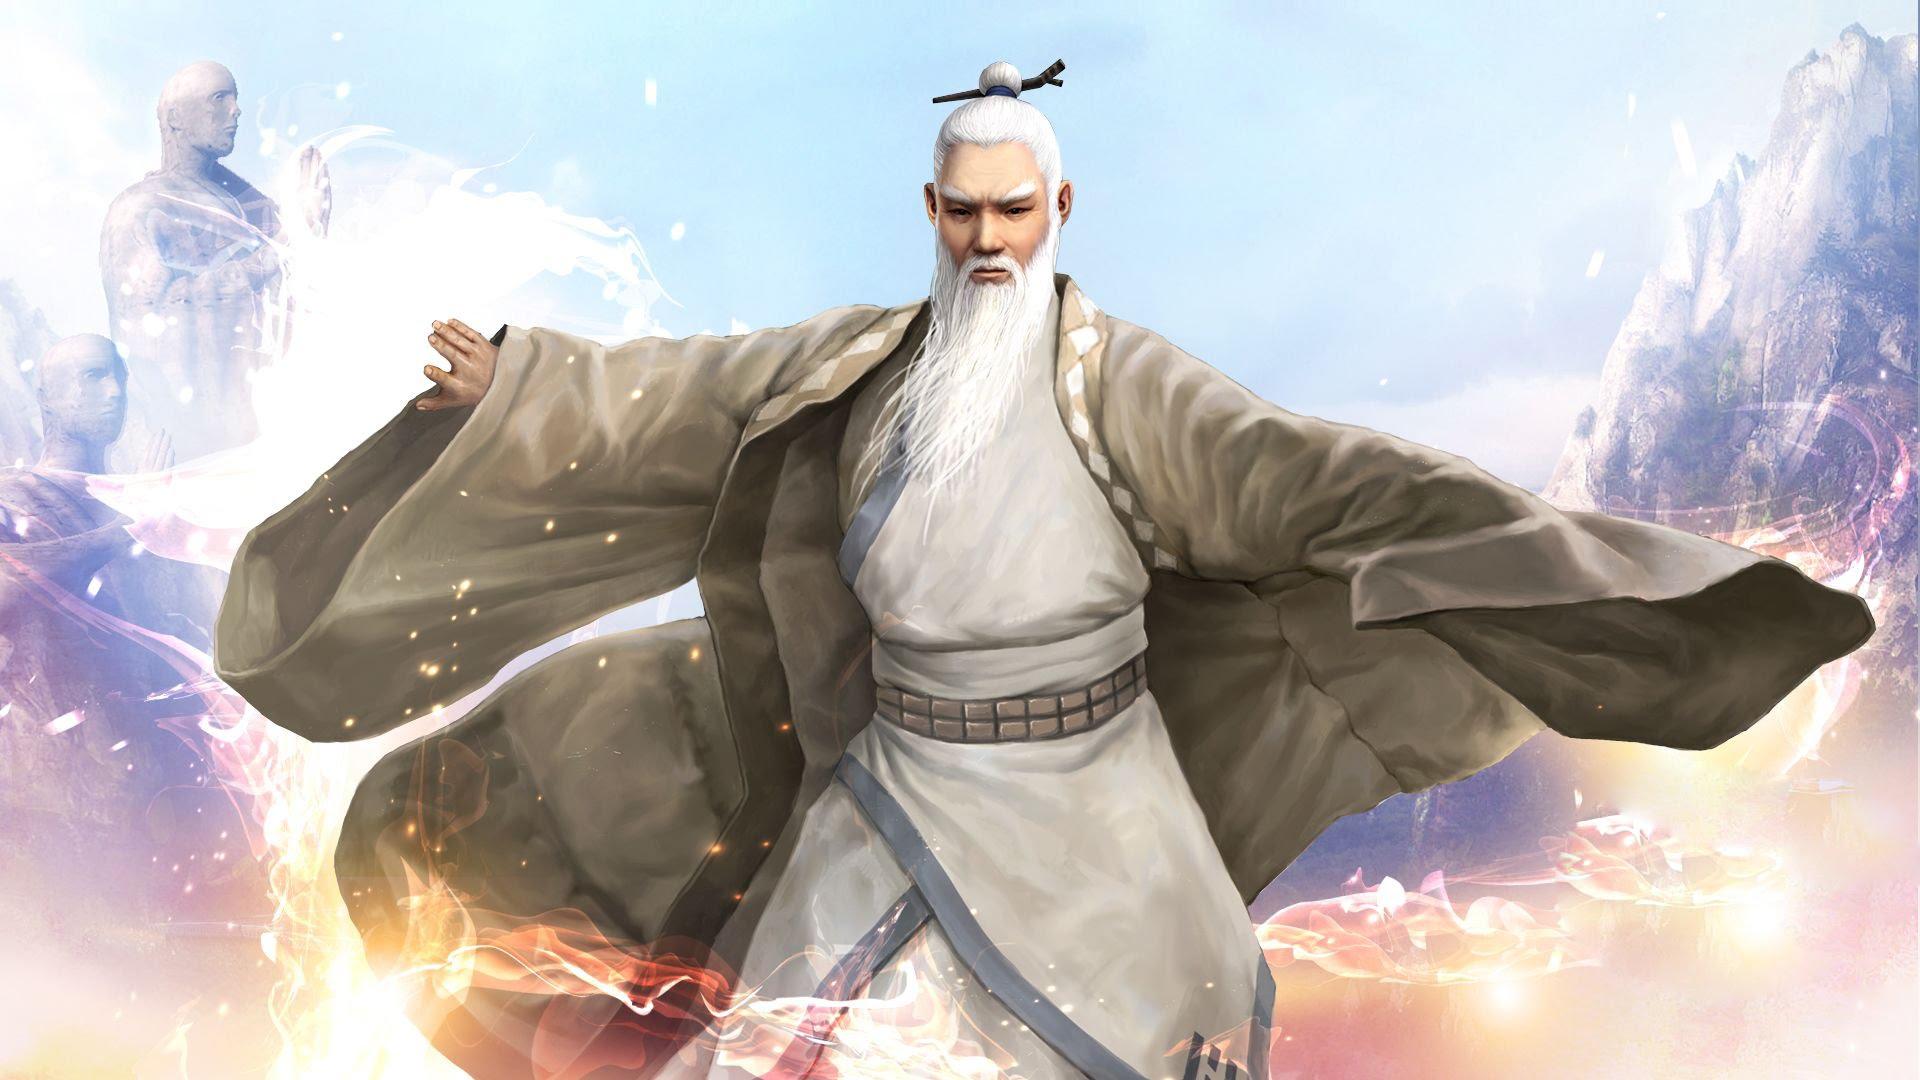 Luận bàn về Chưởng Môn và Trưởng Môn - đâu mới là tên gọi đúng của bậc đại  vĩ nhân? | GameSao